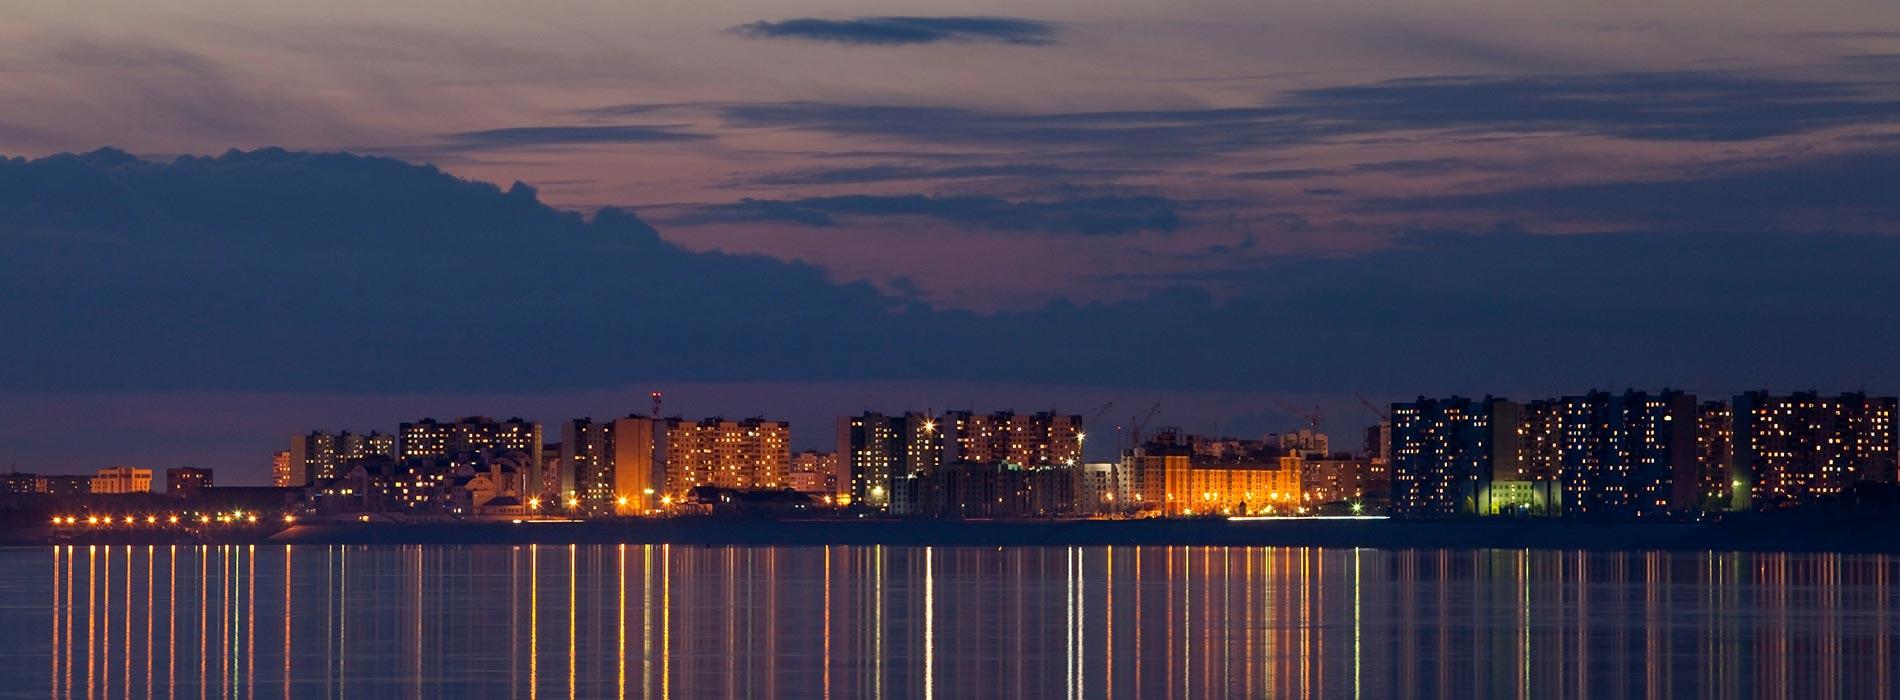 Авиабилеты Самара — Нижневартовск, купить билеты на самолет туда и обратно, цены и расписание рейсов